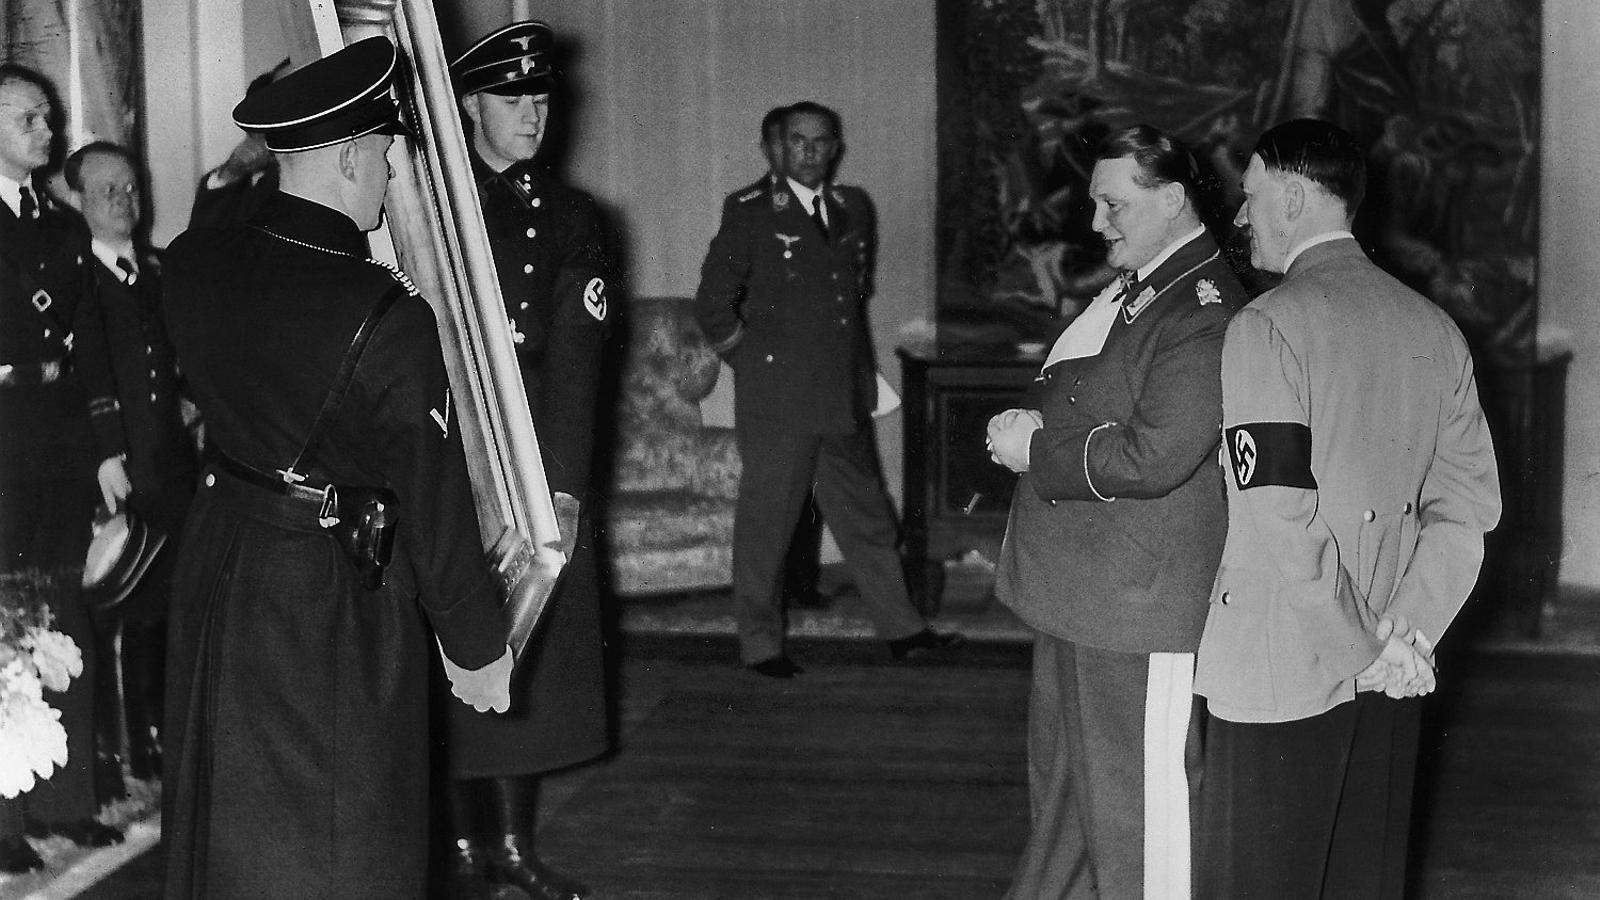 El 13 de gener del 1938 Adolf Hitler va regalar a Hermann Goering un quadre en motiu del seu 45è aniversari.